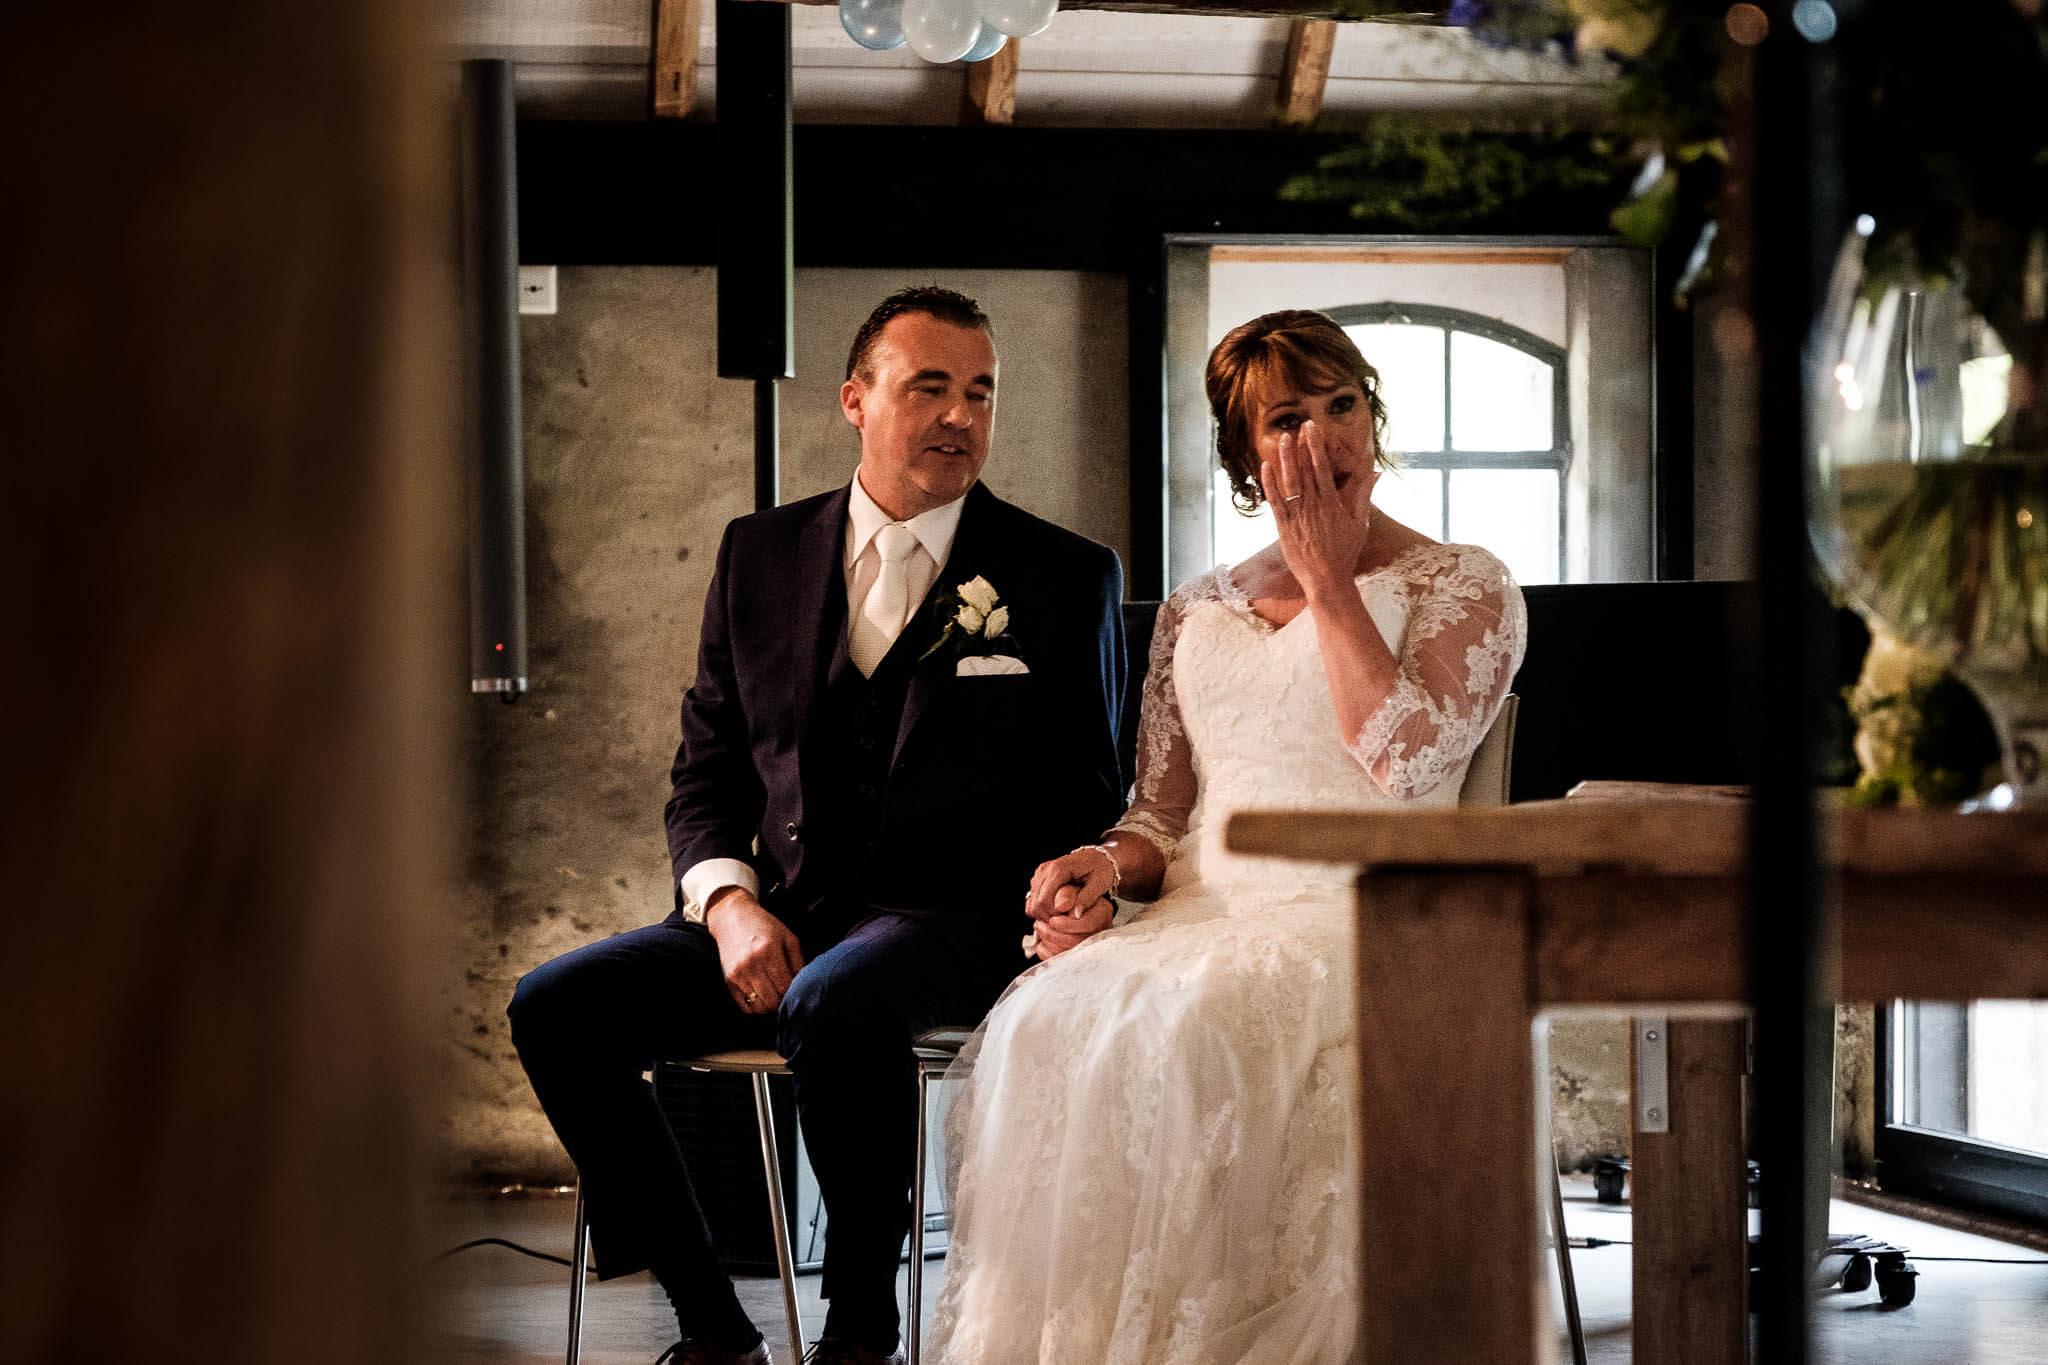 Ceremonie bruiloft bruid tranen peter geluk fotografie